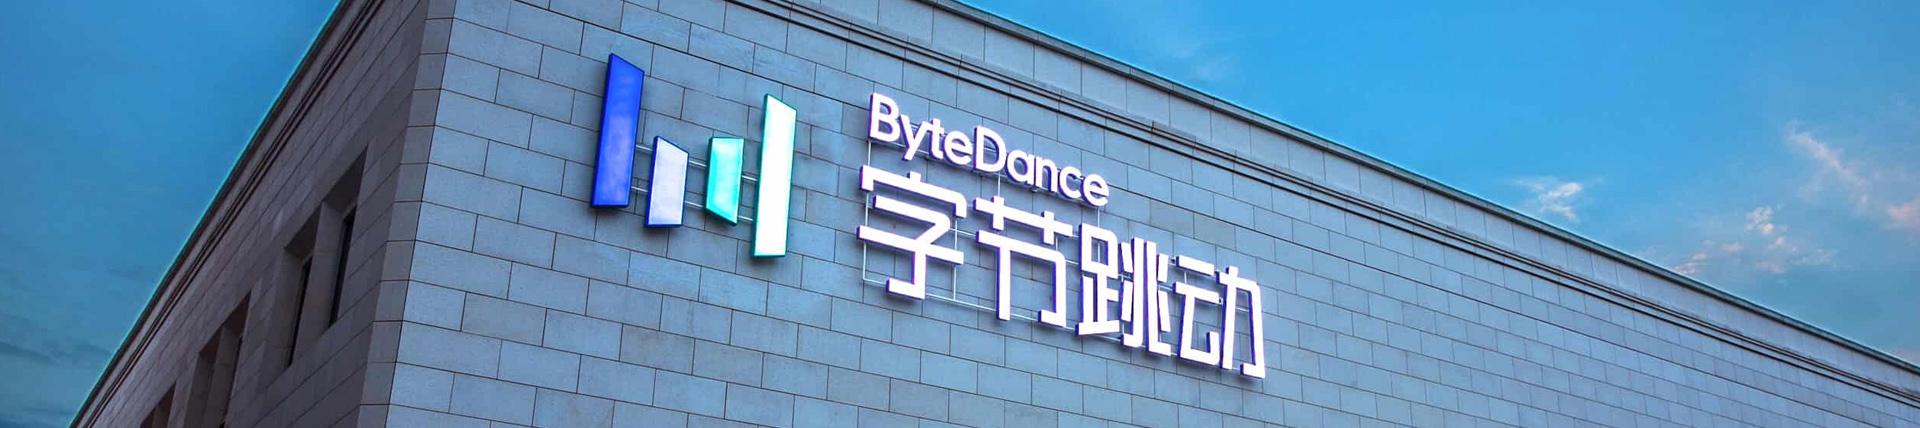 """字节跳动入局""""云计算""""?疑似低调收购bytecloud.com!"""